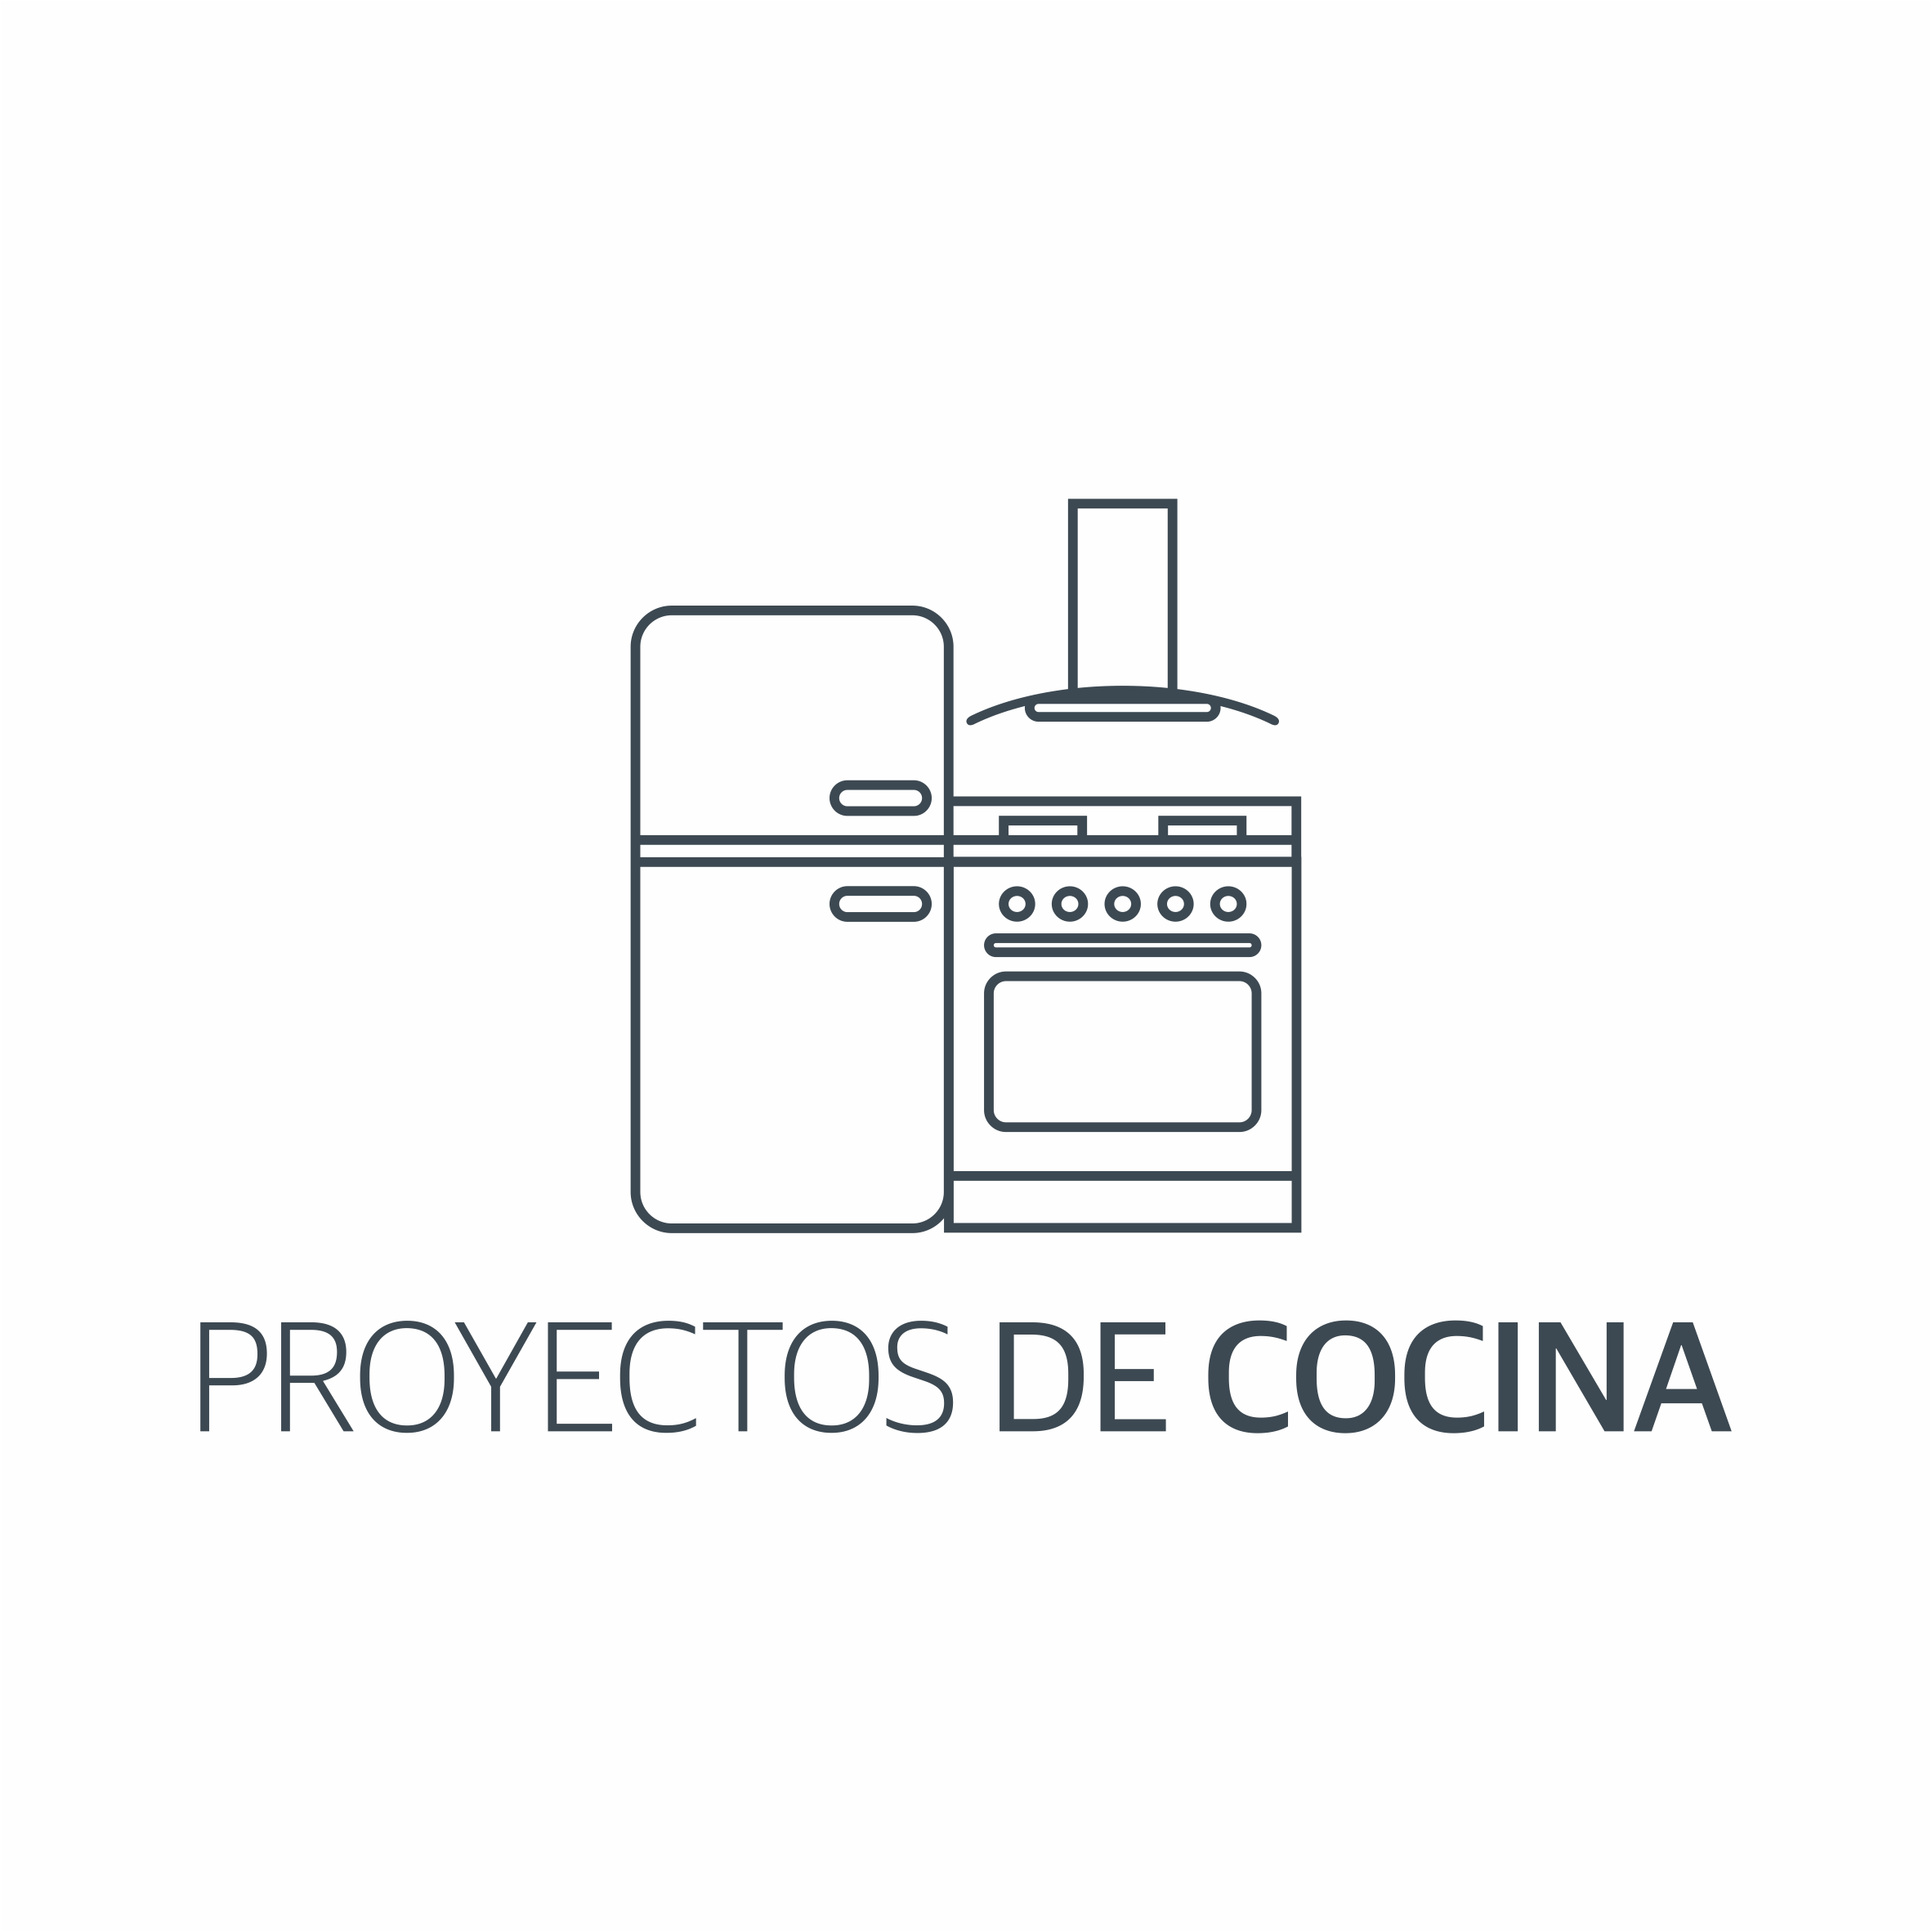 Diseño de cocinas en 3D I Diseño de cocinas online I Proyectos de cocina